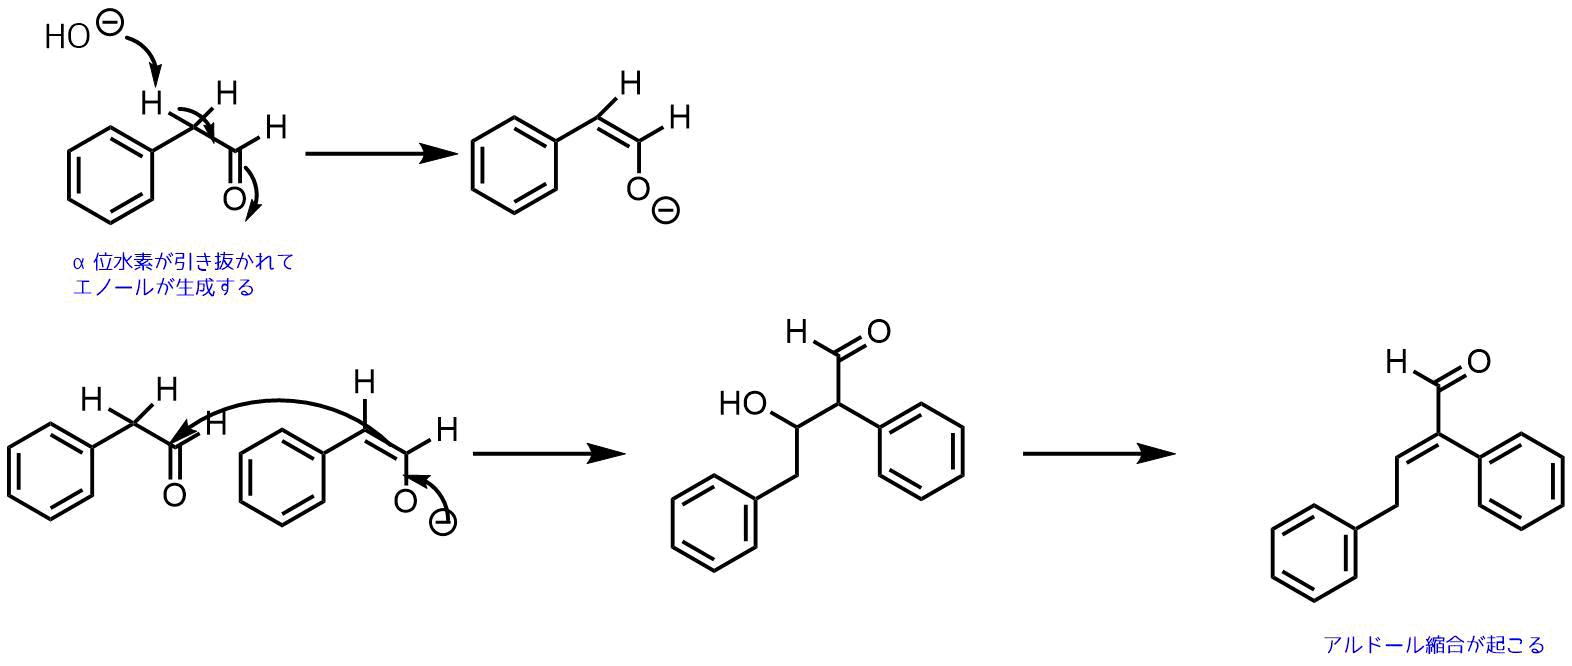 α水素でアルドール縮合が起こる